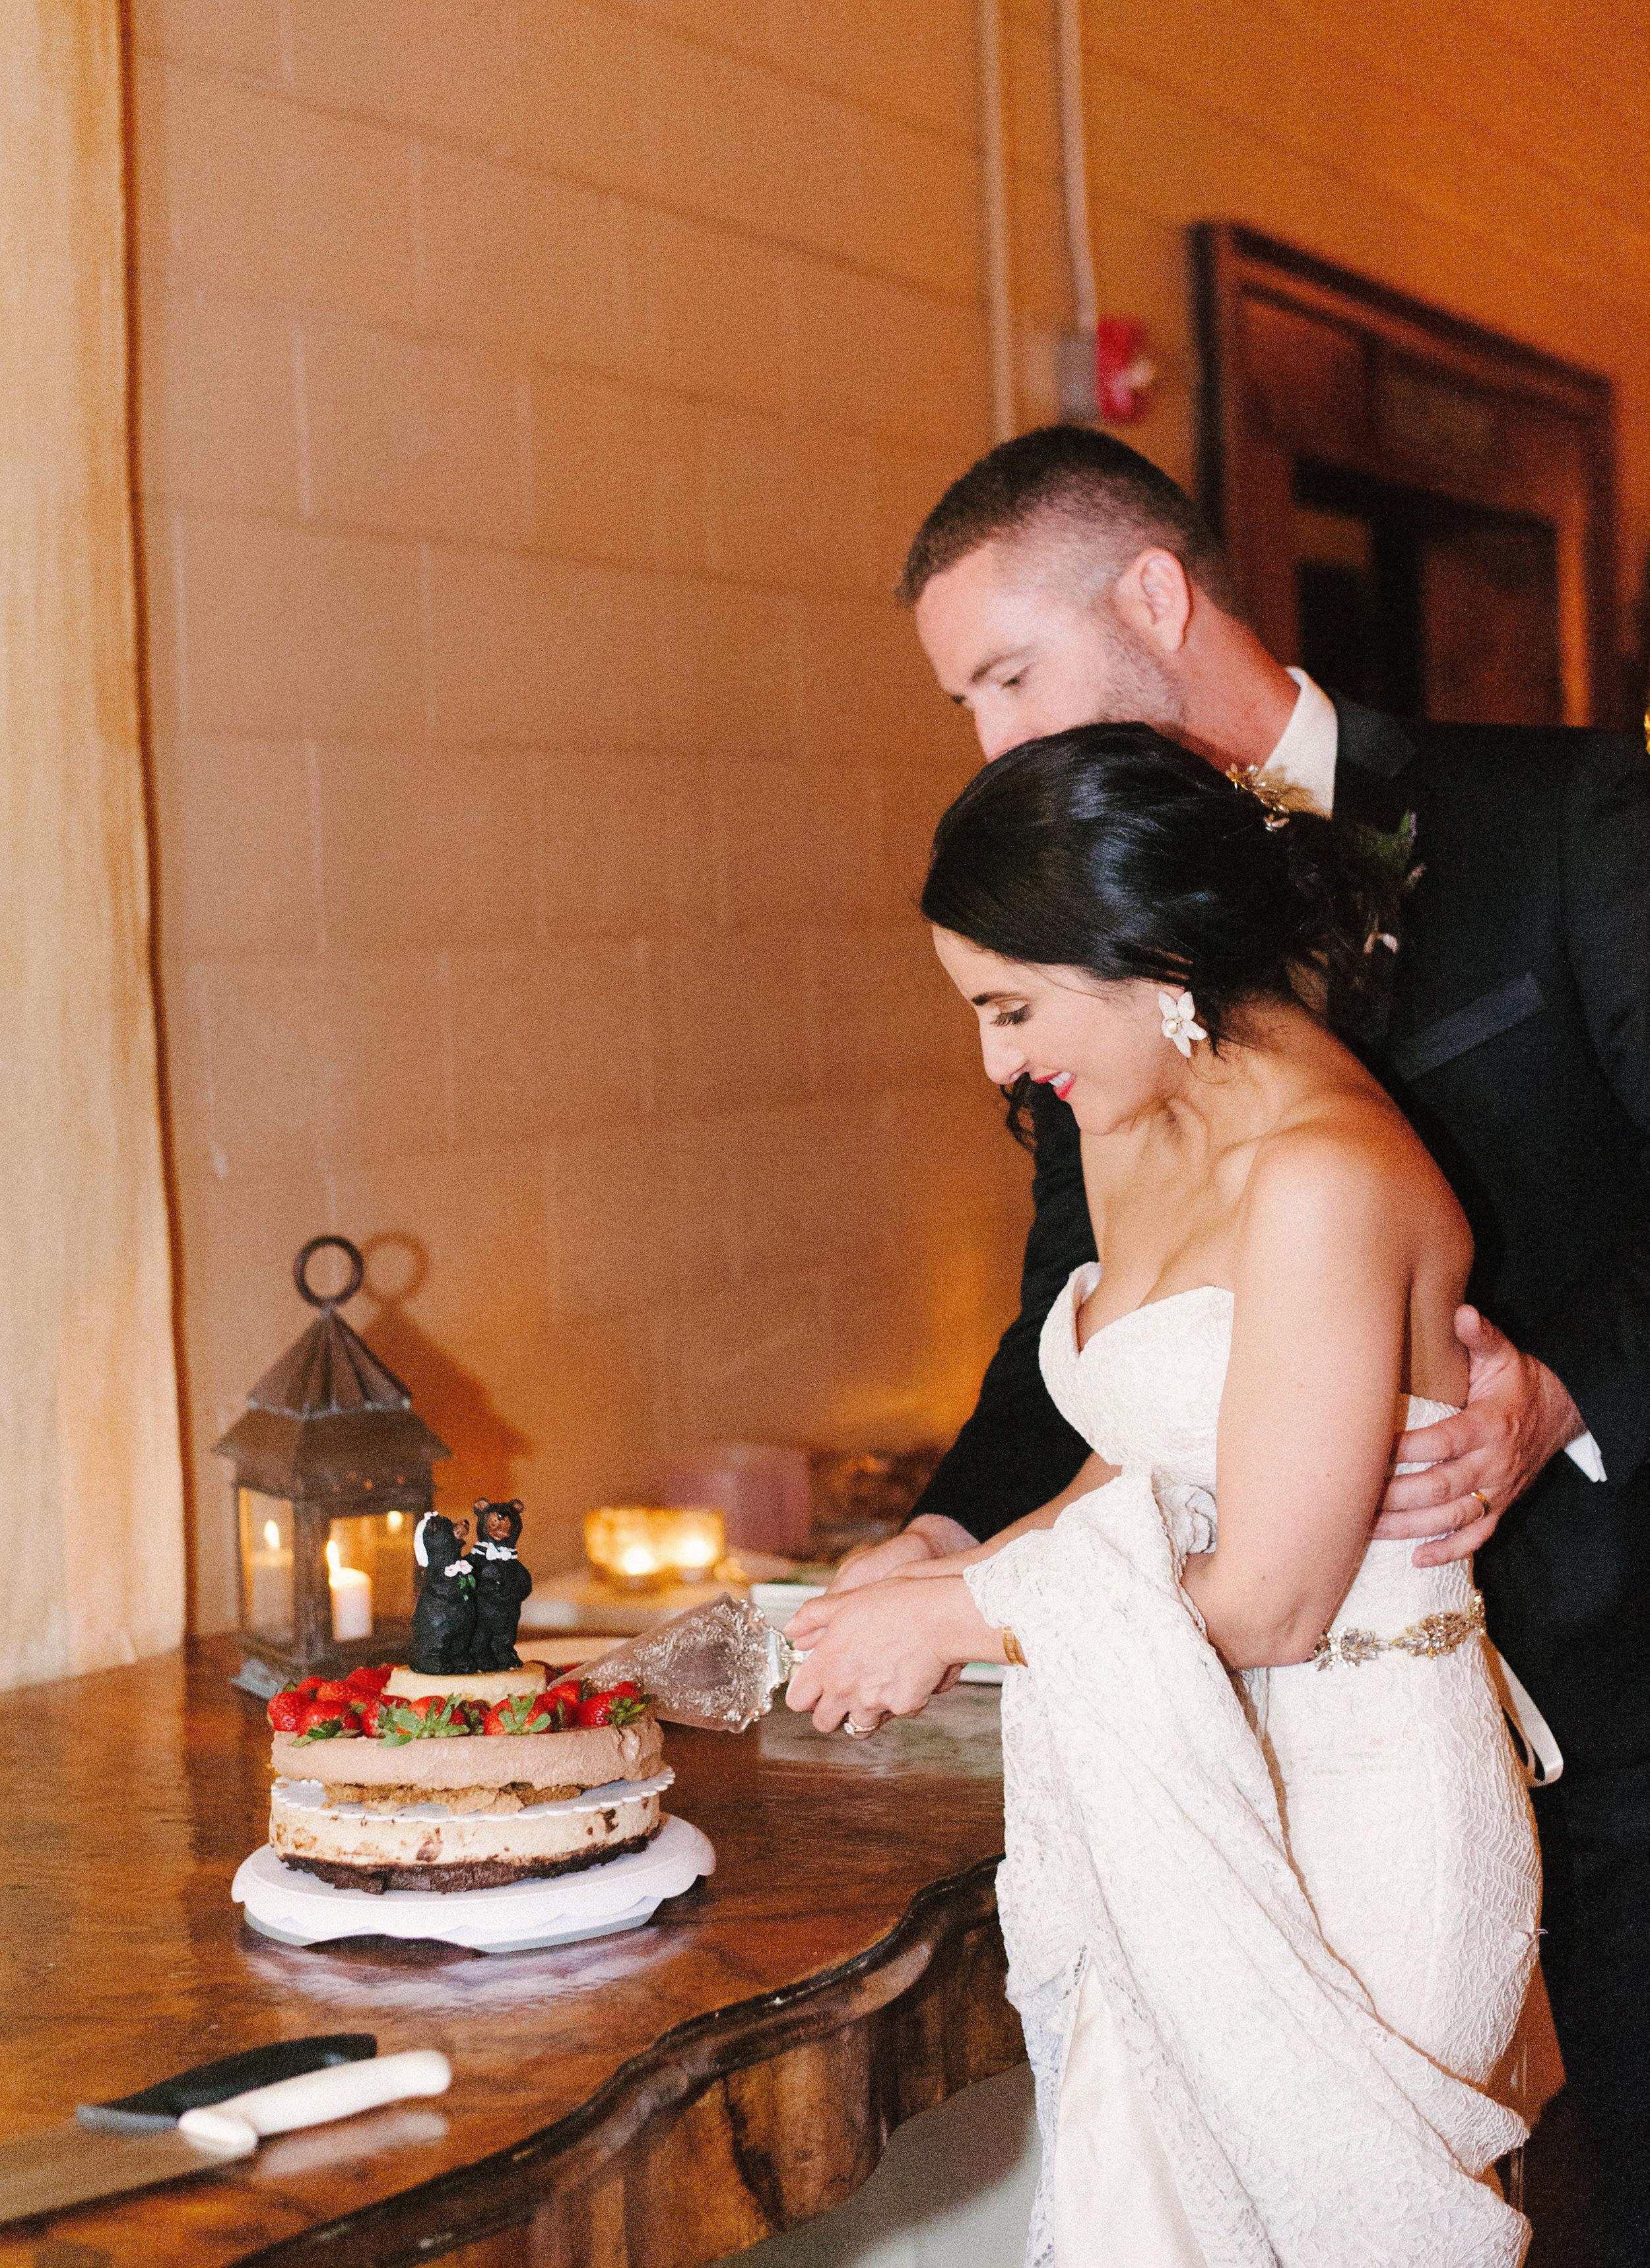 12-ivory-and-beau-bridal-boutique-wedding-dress-bridal-shop-alexjanelle_joshmorehousephotography-428.jpg